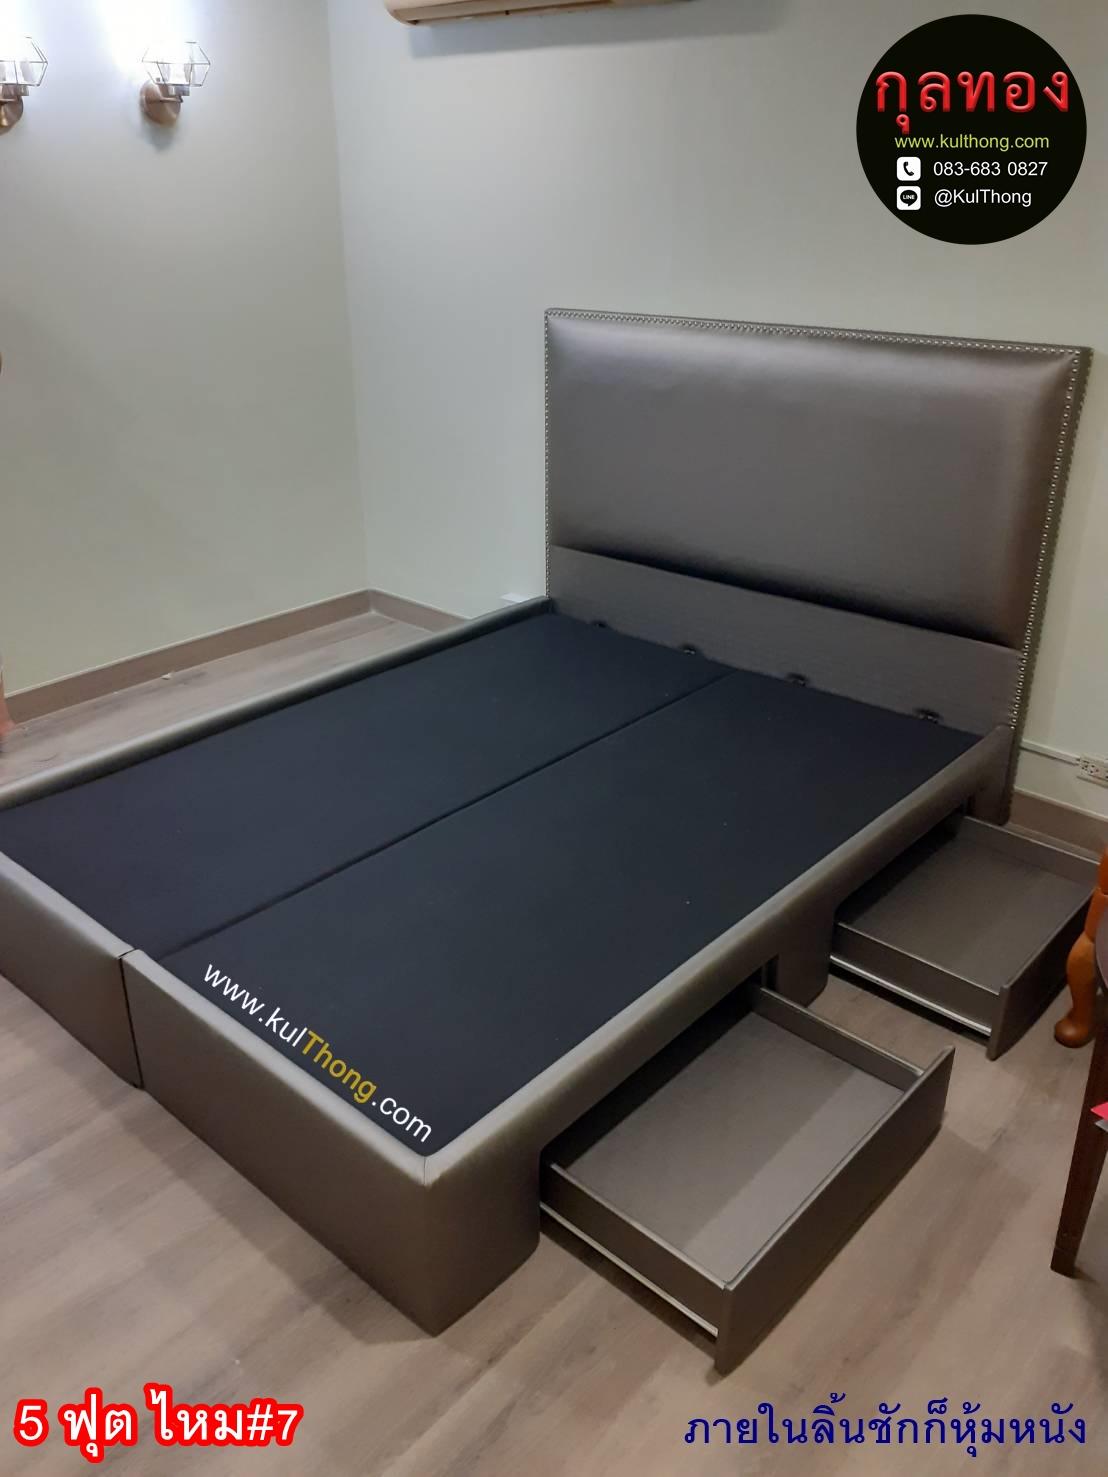 ฐานเตียงมีลิ้นชัก เตียงลิ้นชัก เตียงเก็บของ เตียงสั่งทำ เตียงใส่ของ